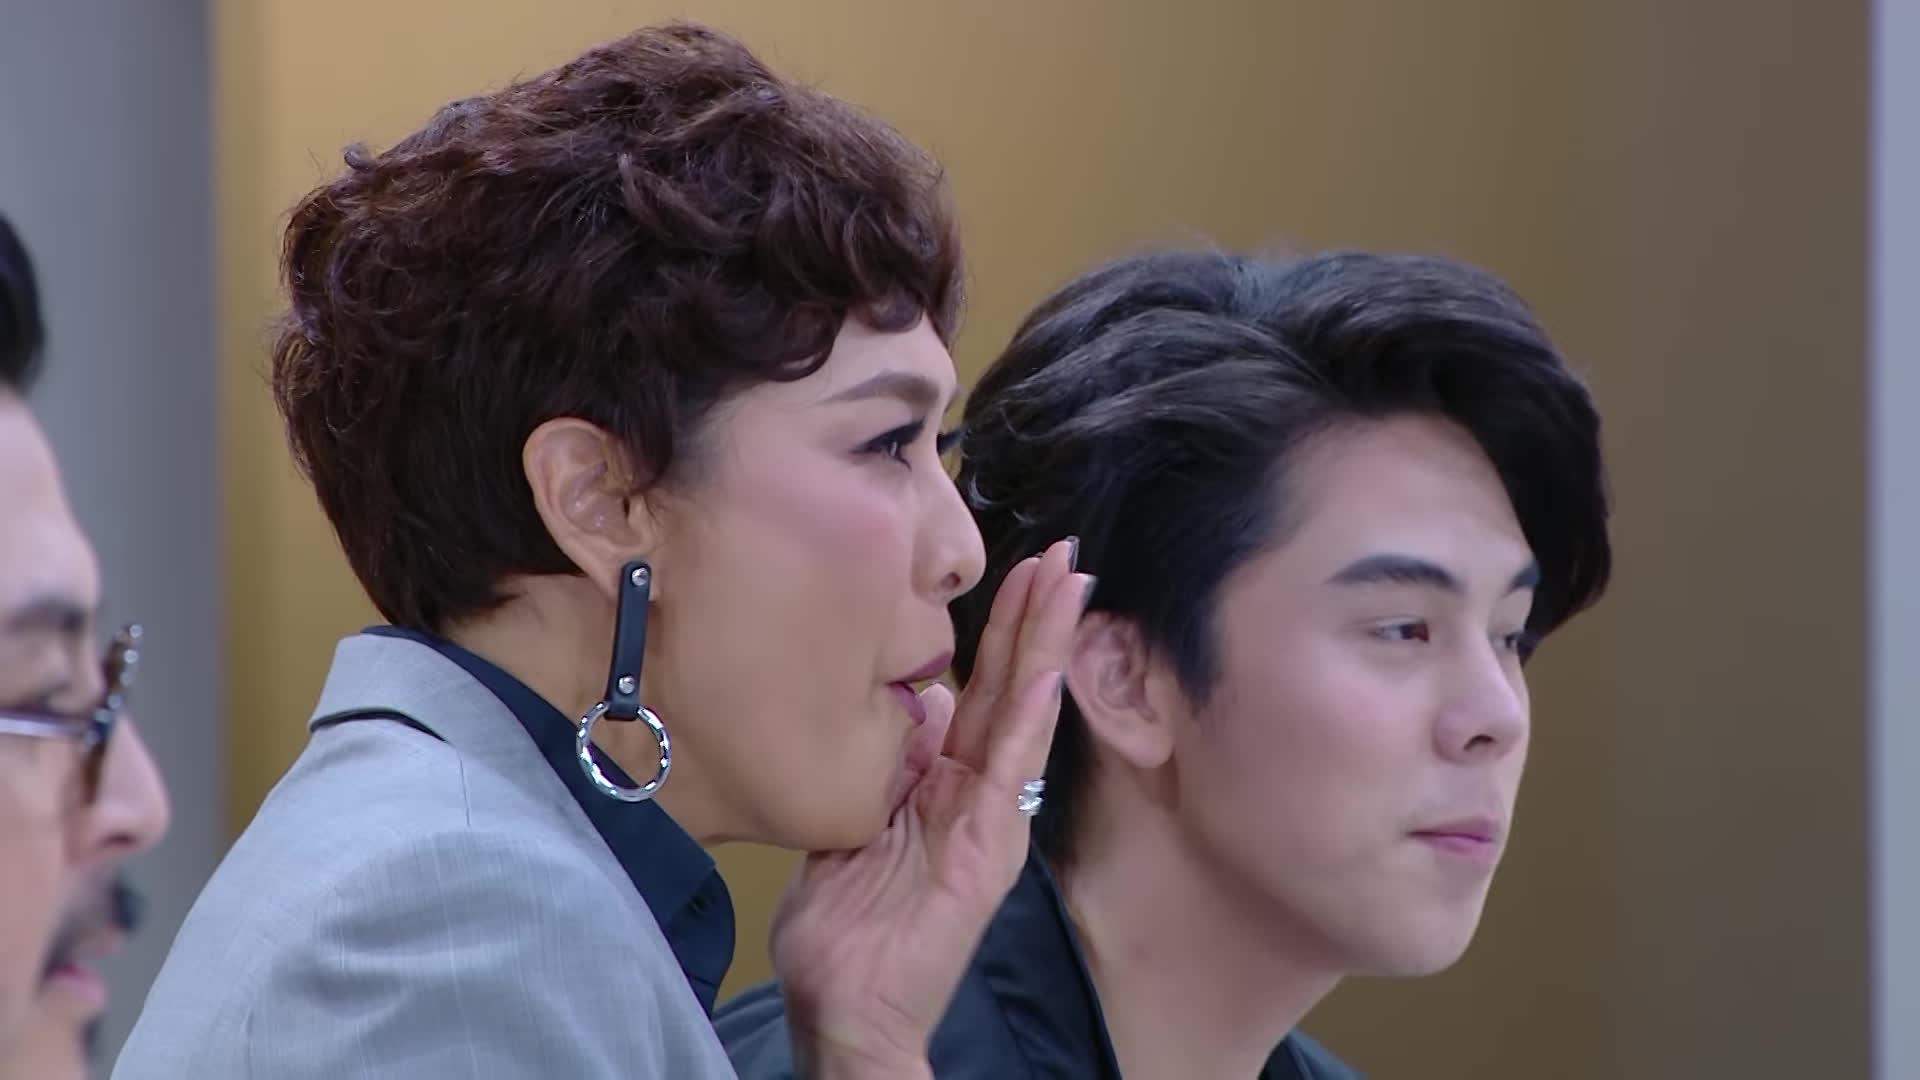 5 chàng trai hot nhất The Face Men bản Thái: Mặt mộc đã rạng ngời, lên đồ sẽ còn đẹp trai xuất sắc